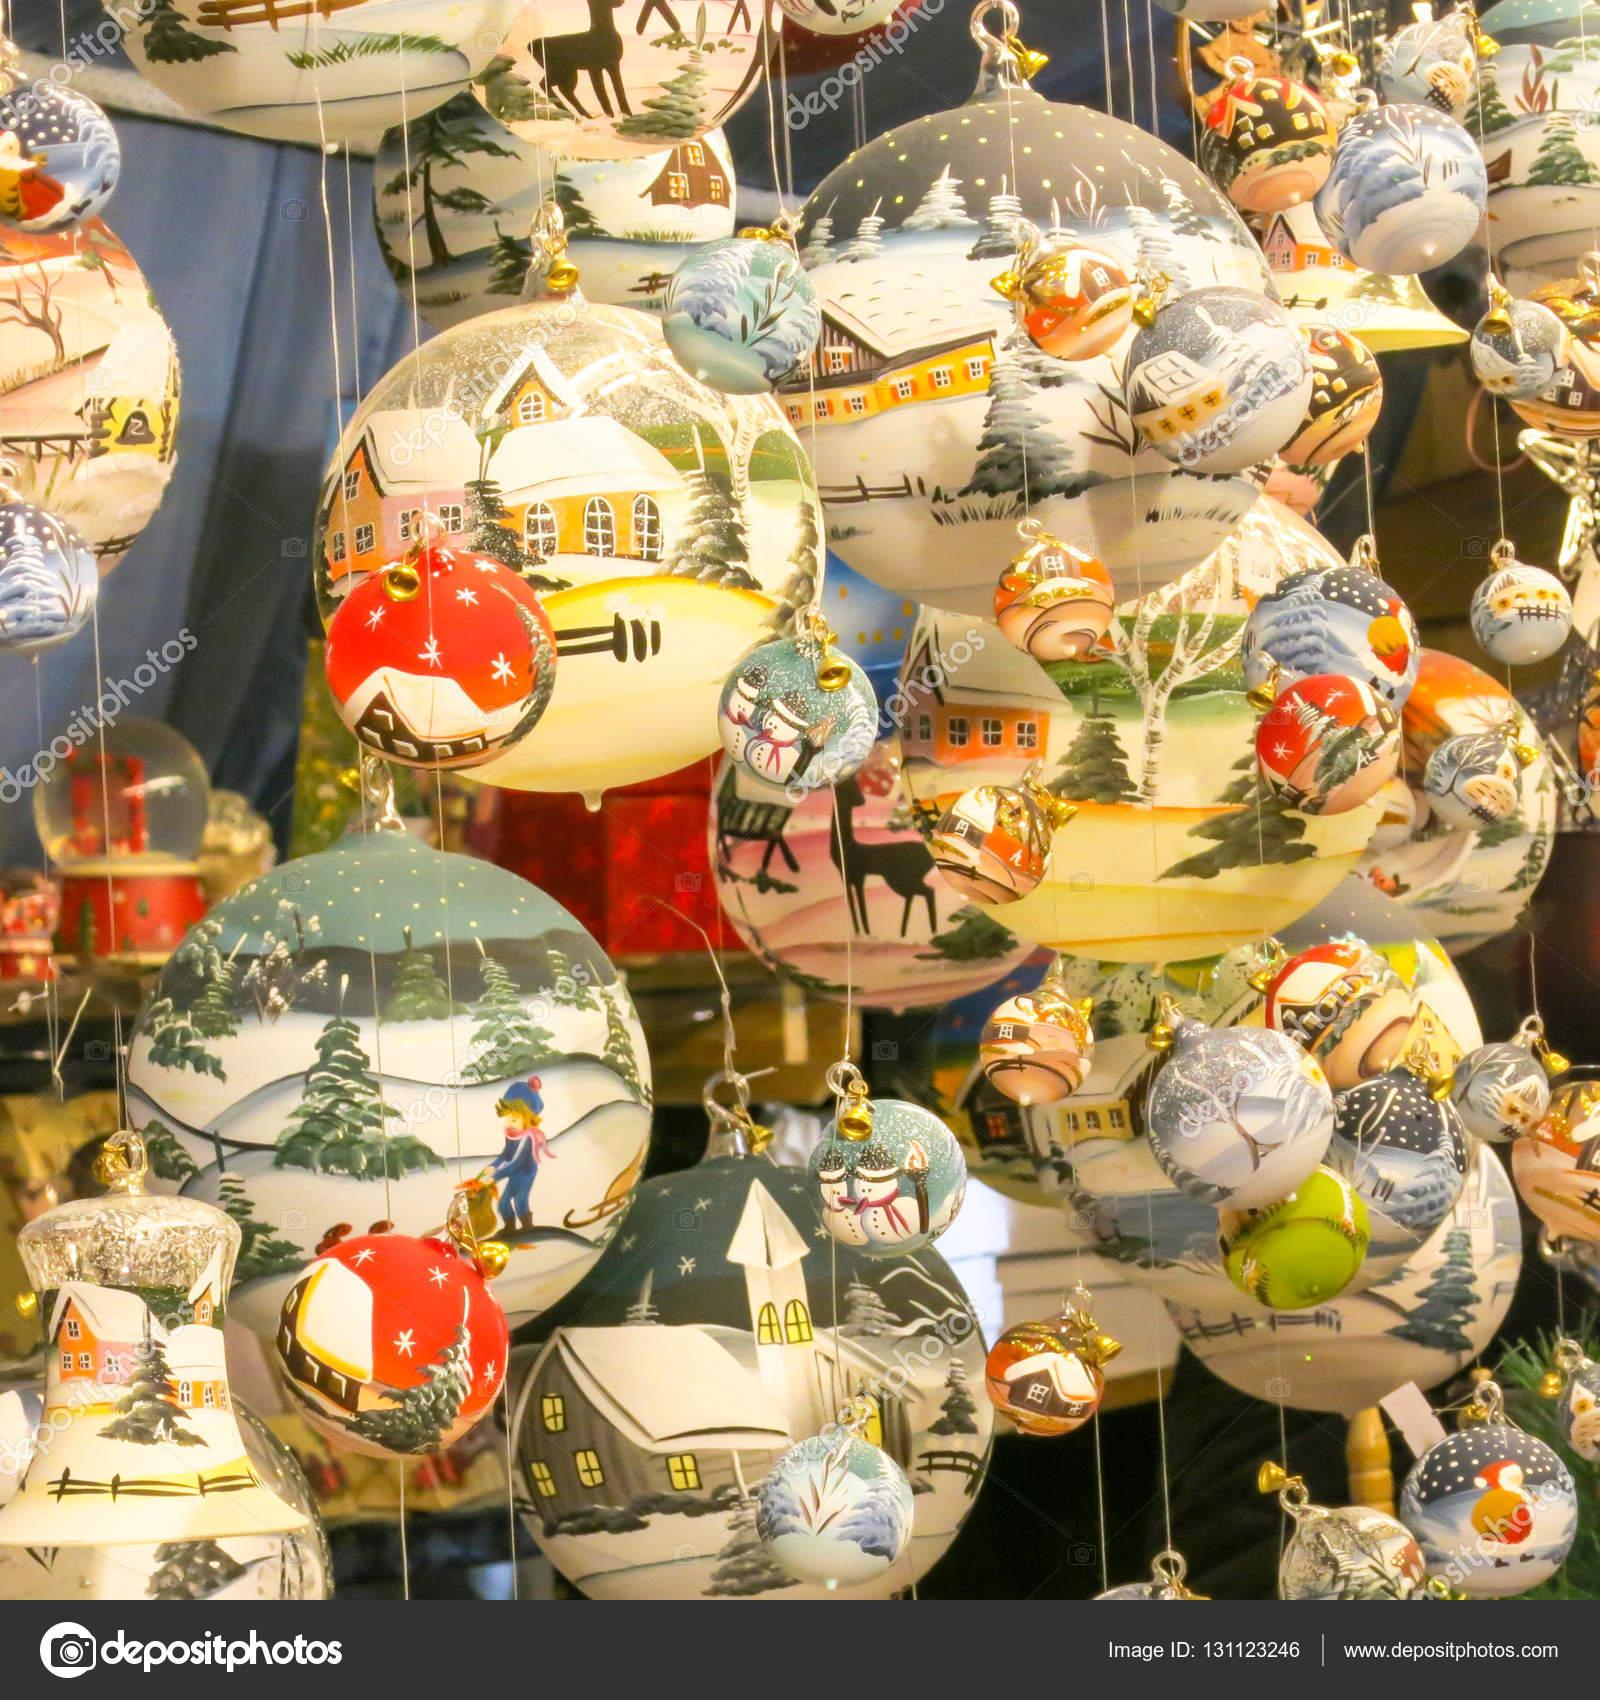 Weihnachtsmarkt W.świąteczne Dekoracje Na Boże Narodzenie Rynku Lub Weihnachtsmarkt W